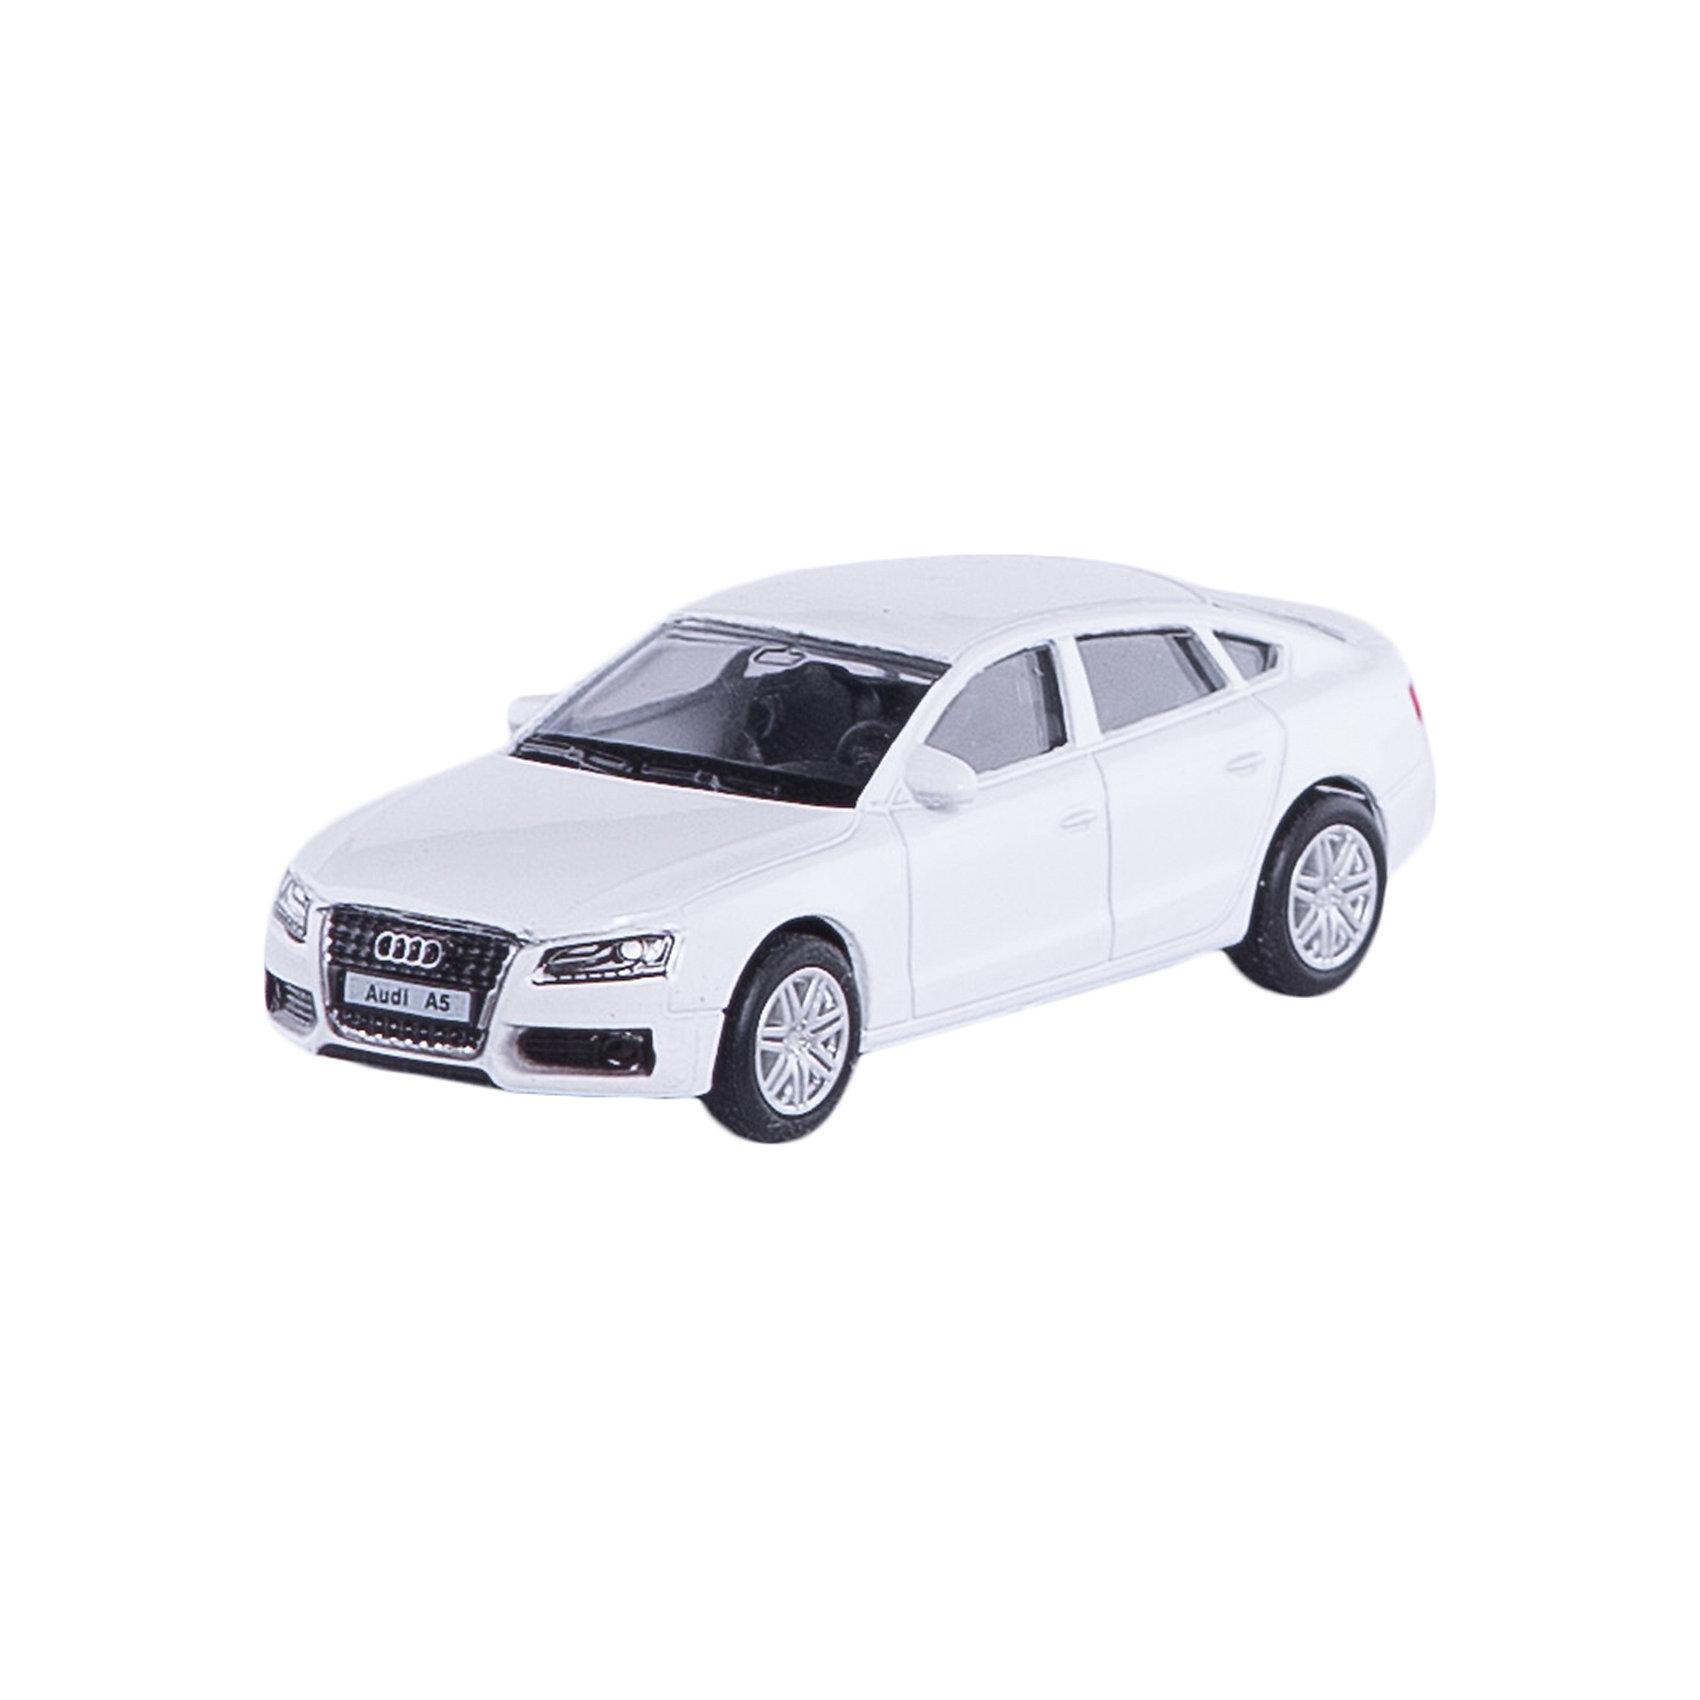 Машина AUDI A5 SPORTBACK 3Машинки<br>Машинка Audi A5 Sportback 3, Autotime (Автотайм).<br><br>Характеристики:<br><br>• Масштаб 1:60<br>• Размер машинки: 7x3 см.<br>• Материал: металл, пластик<br>• Цвет: синий<br>• Упаковка: картонная коробка блистерного типа<br>• Размер упаковки: 10x4x4 см.<br><br>Машинка Audi A5 Sportback 3 от Autotime (Автотайм) является уменьшенной копией настоящего автомобиля. Модель имеет высокую степень детализации. Корпус машинки изготовлен из металла, а днище, внутренние детали и дополнительные элементы из пластика. Автомобиль качественно окрашен. Салон автомобиля тщательно проработан. Резиновые колеса свободно вращаются. Машинка Audi A5 Sportback станет хорошим подарком и ребенку, и коллекционеру моделей автомобилей.<br><br>Машинку Audi A5 Sportback 3, Autotime (Автотайм) можно купить в нашем интернет-магазине.<br><br>Ширина мм: 90<br>Глубина мм: 42<br>Высота мм: 40<br>Вес г: 49<br>Возраст от месяцев: 36<br>Возраст до месяцев: 84<br>Пол: Мужской<br>Возраст: Детский<br>SKU: 4515356